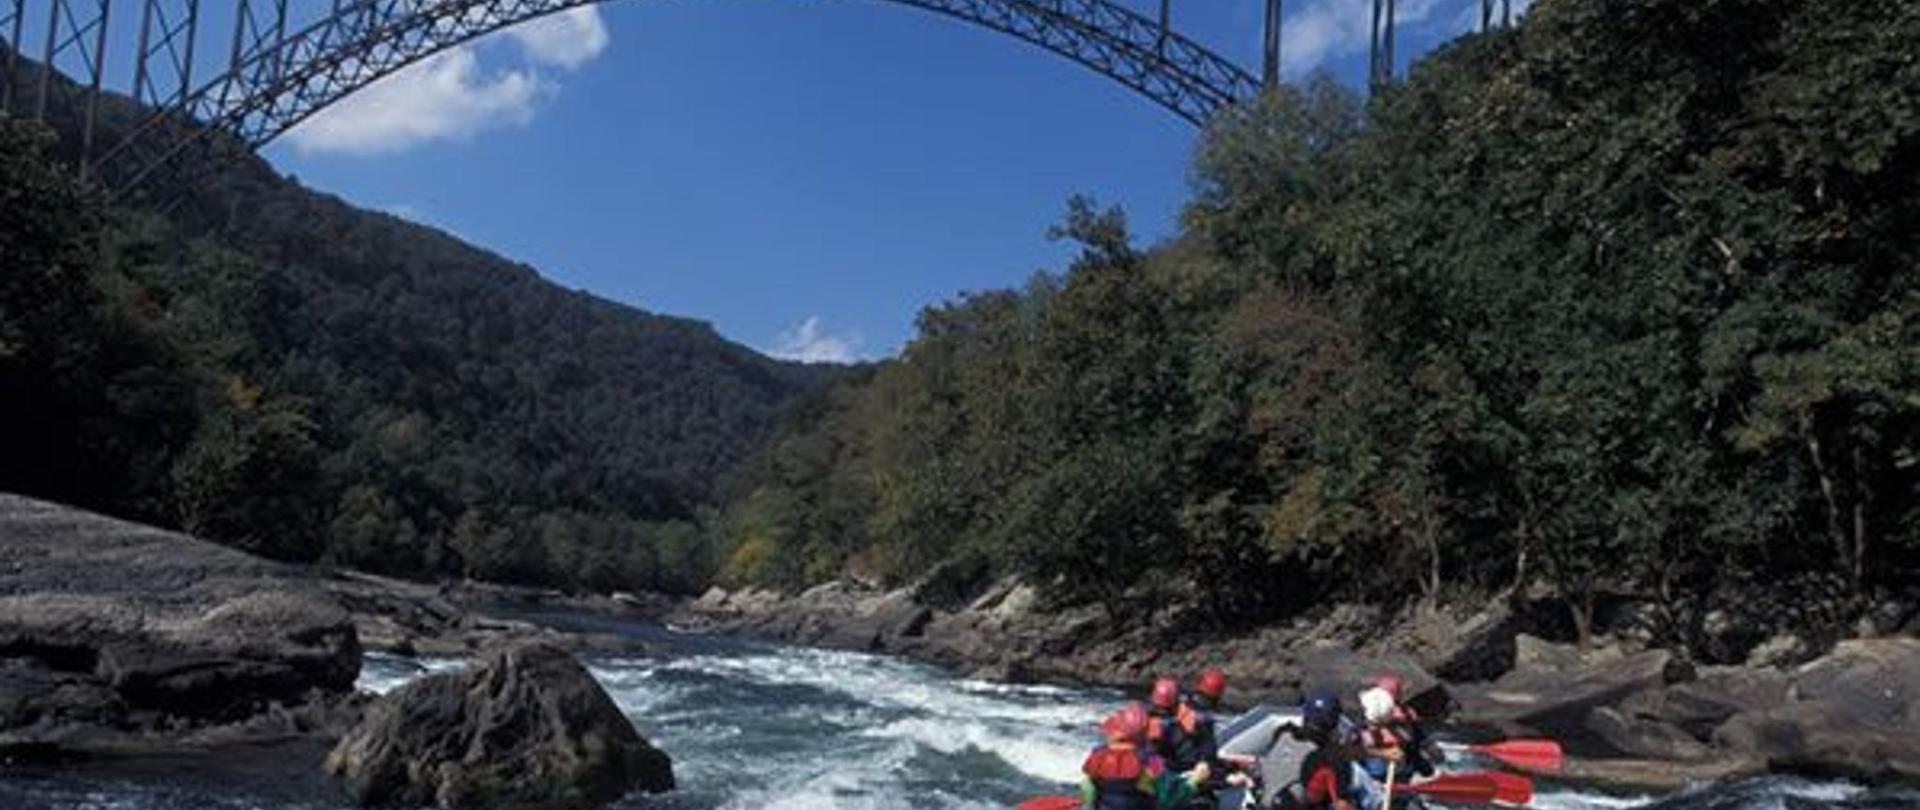 slide-new-river-rafting.jpg